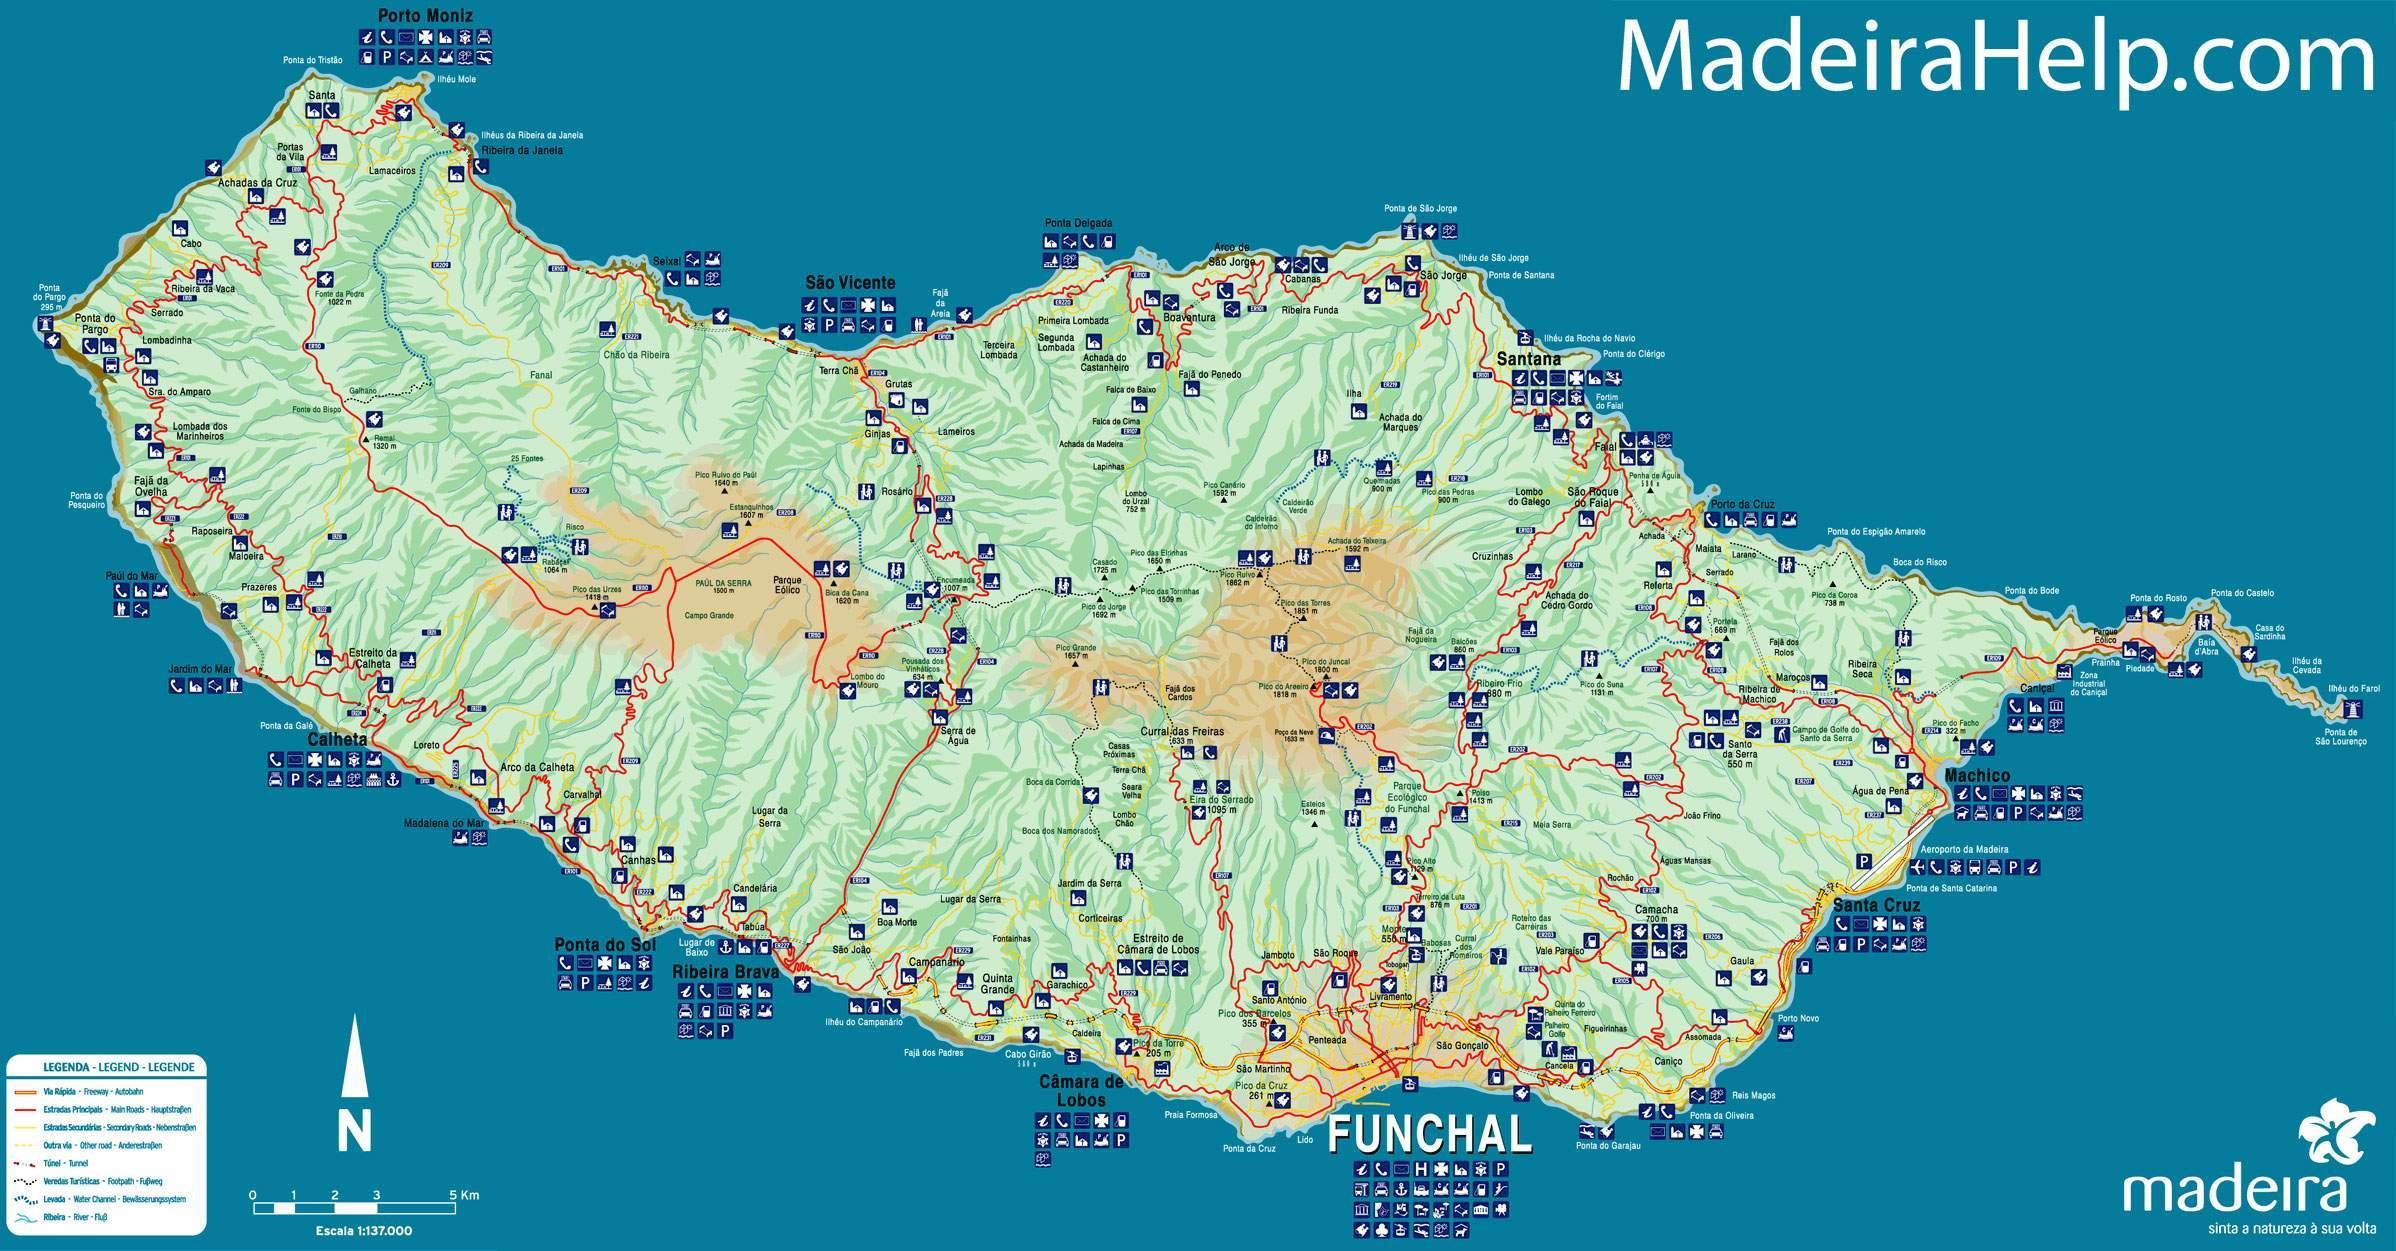 mapa de portugal e madeira Madeira Portugal mapa   Mapa ng Portugal Madeira (Southern Europa  mapa de portugal e madeira